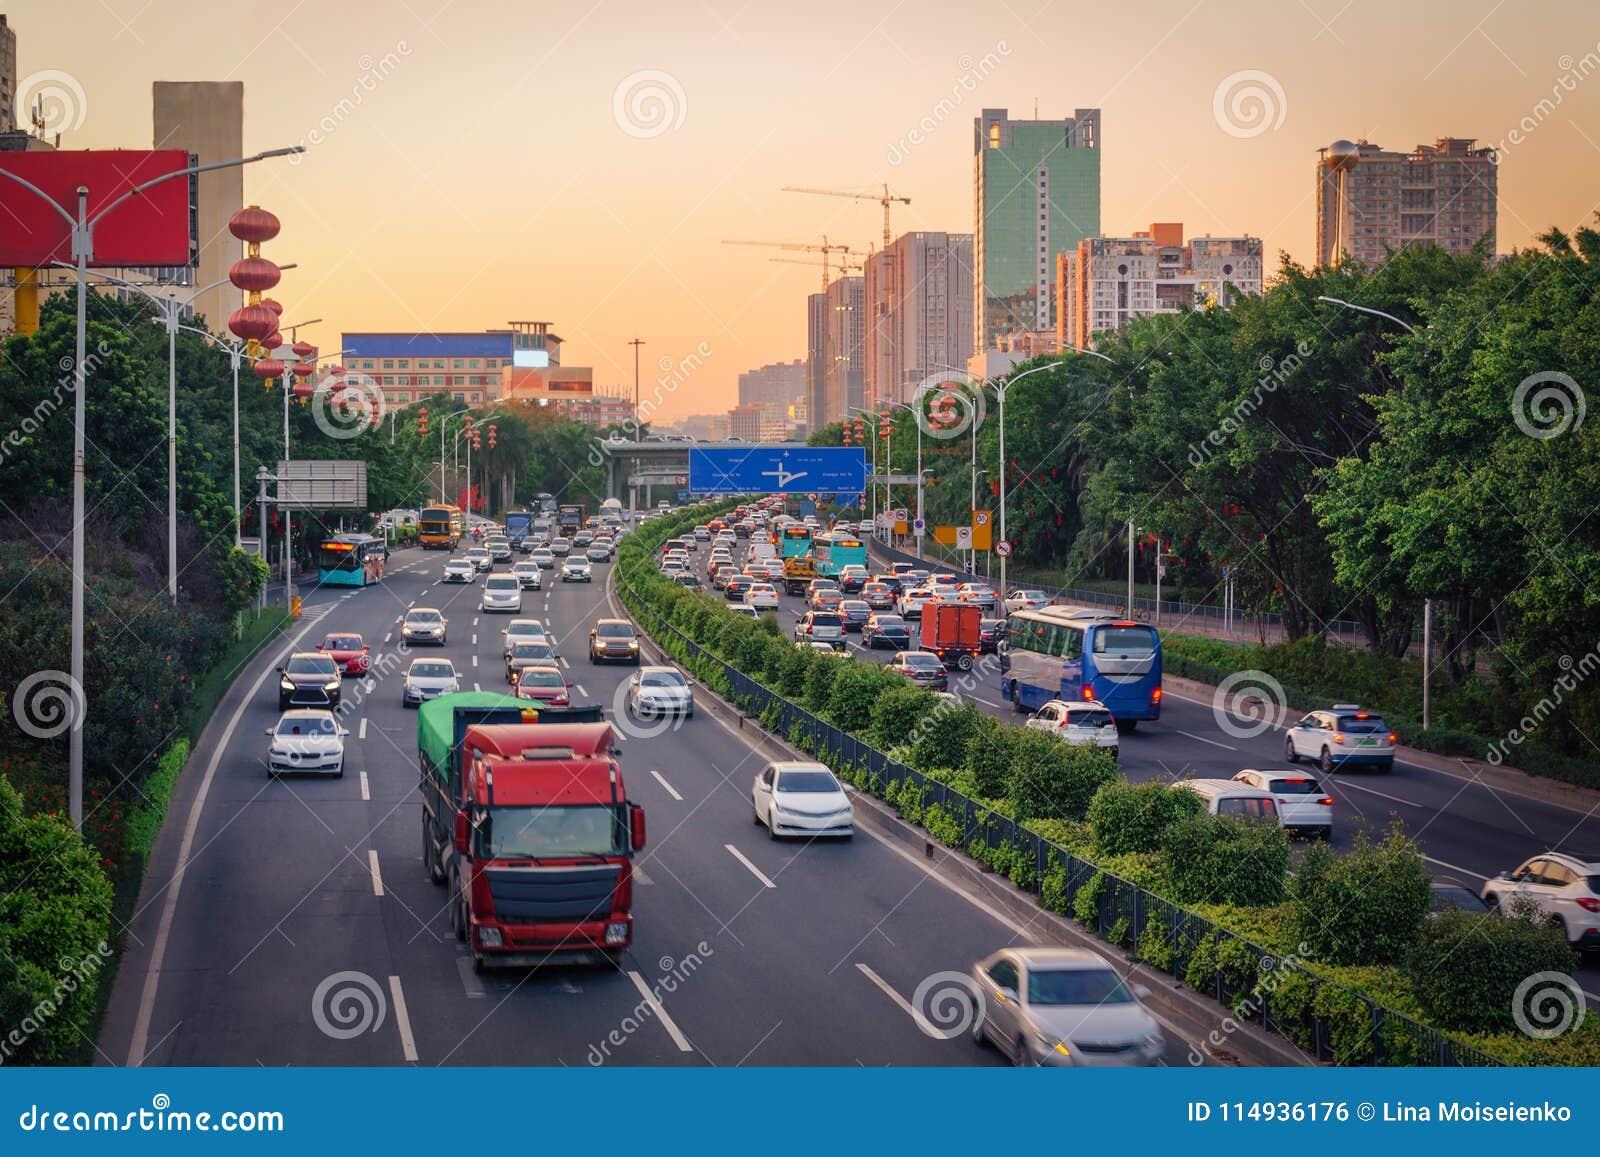 Horas de ponta da noite na cidade grande, engarrafamento de muitos carros na estrada da estrada dividida, vista urbana ocupada no